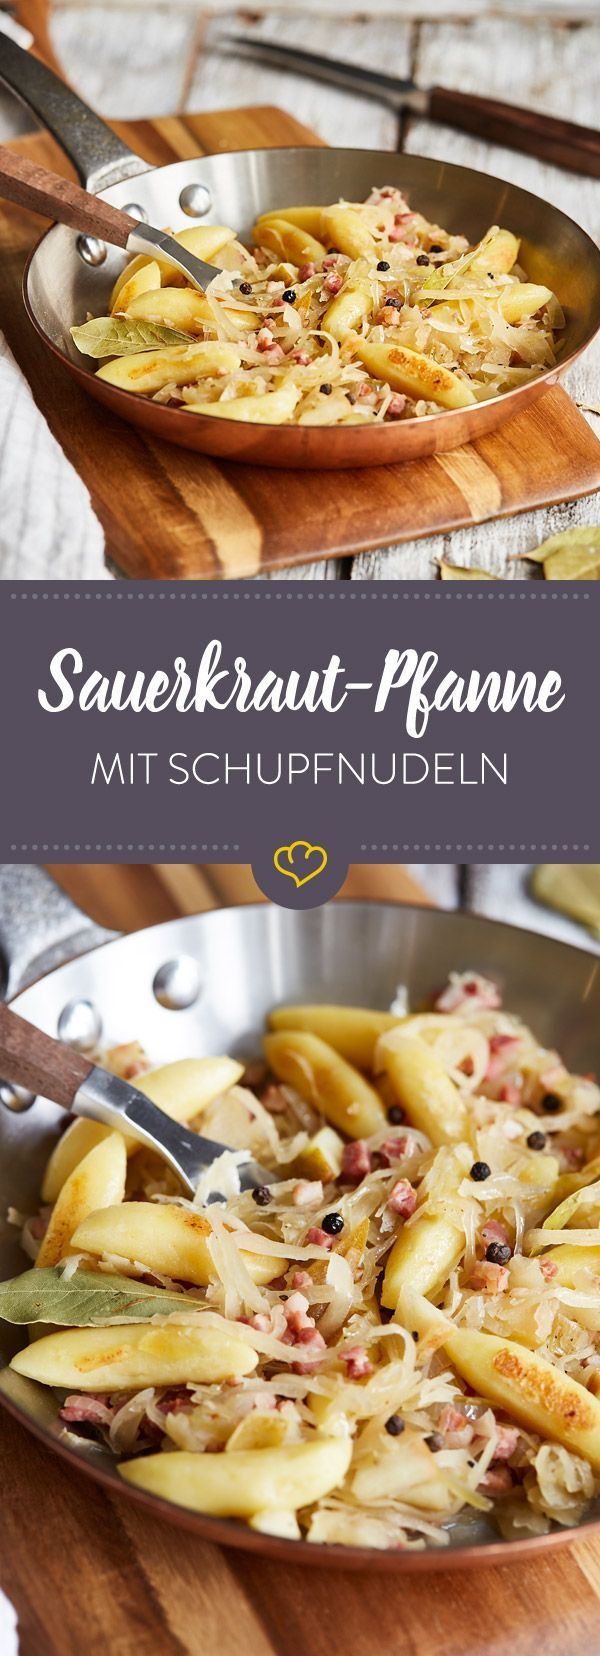 Sauerkraut-Pfanne mit Schupfnudeln und Speck